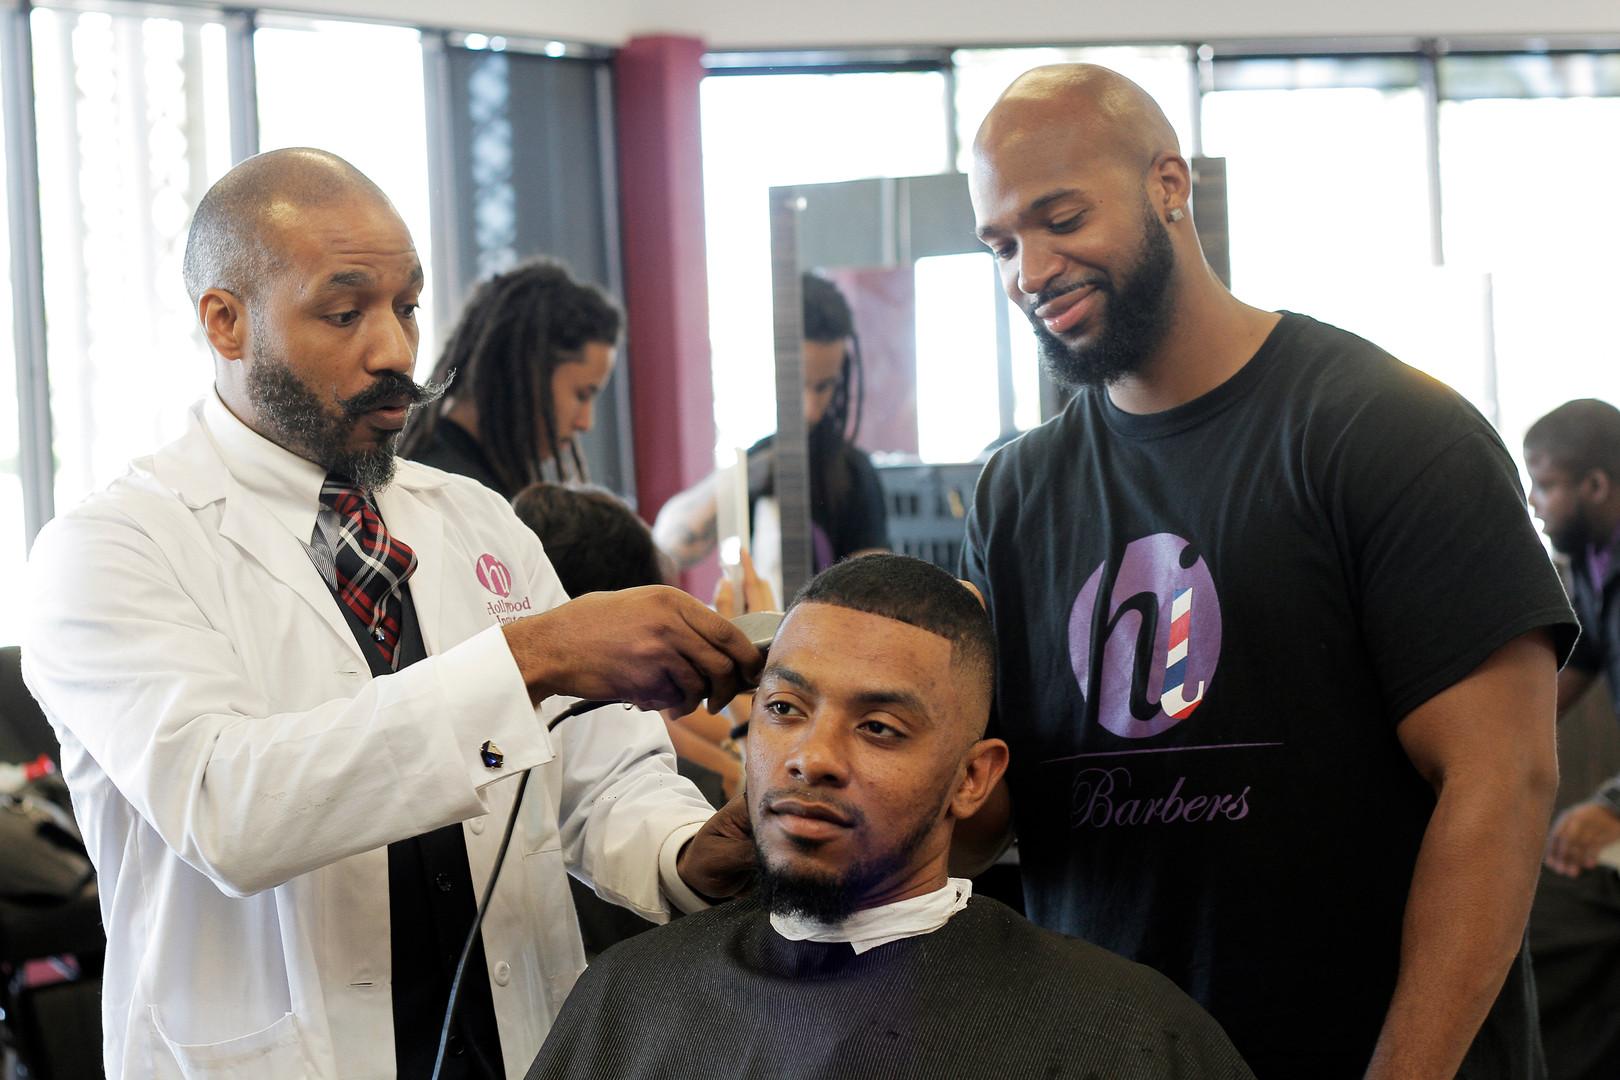 Barber02.JPG